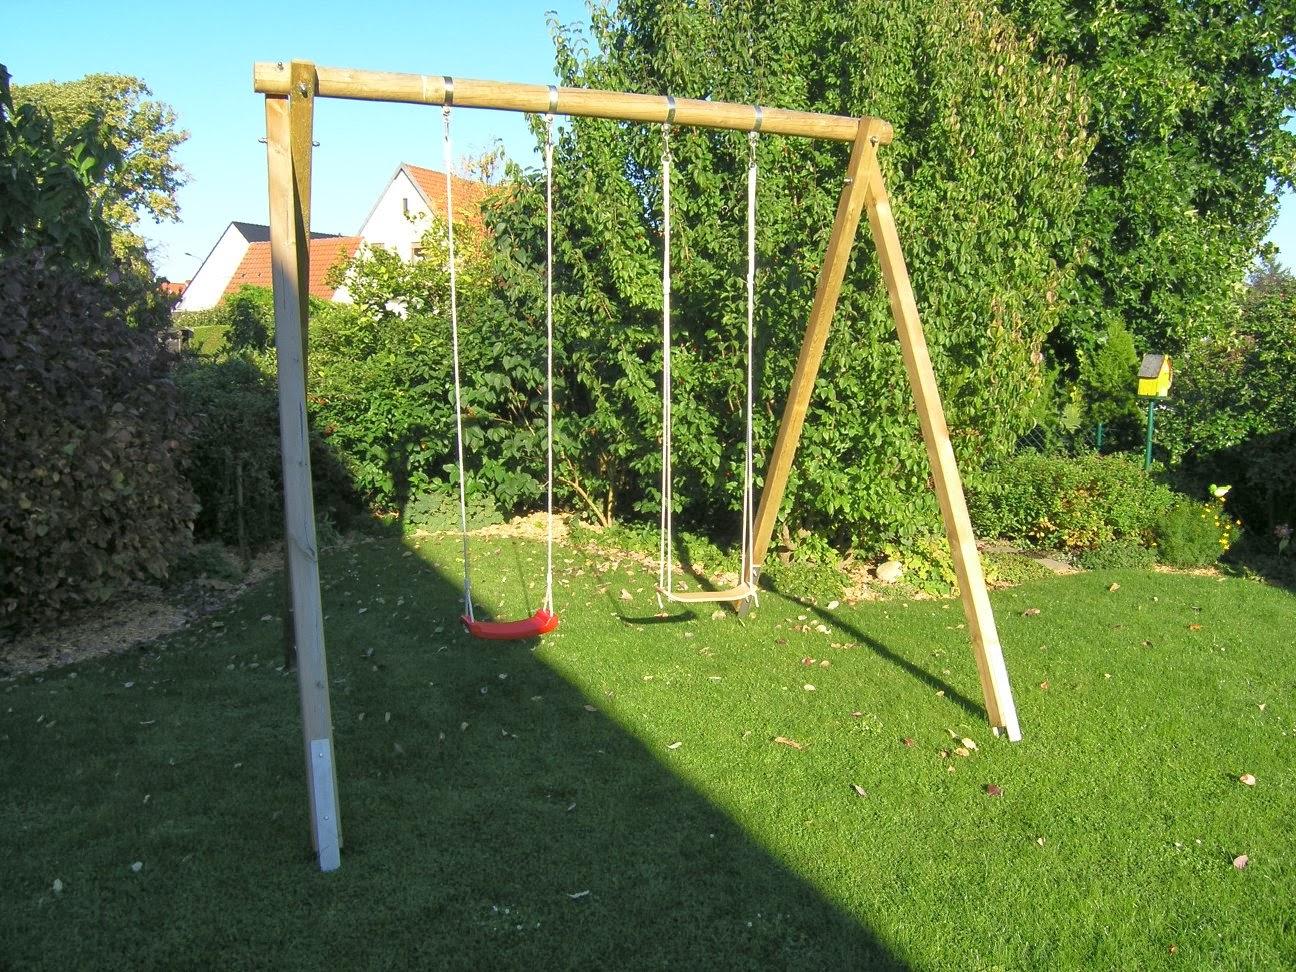 Klettergerüst Bauen : Holzschaukel selber bauen klettergerüst garten bo